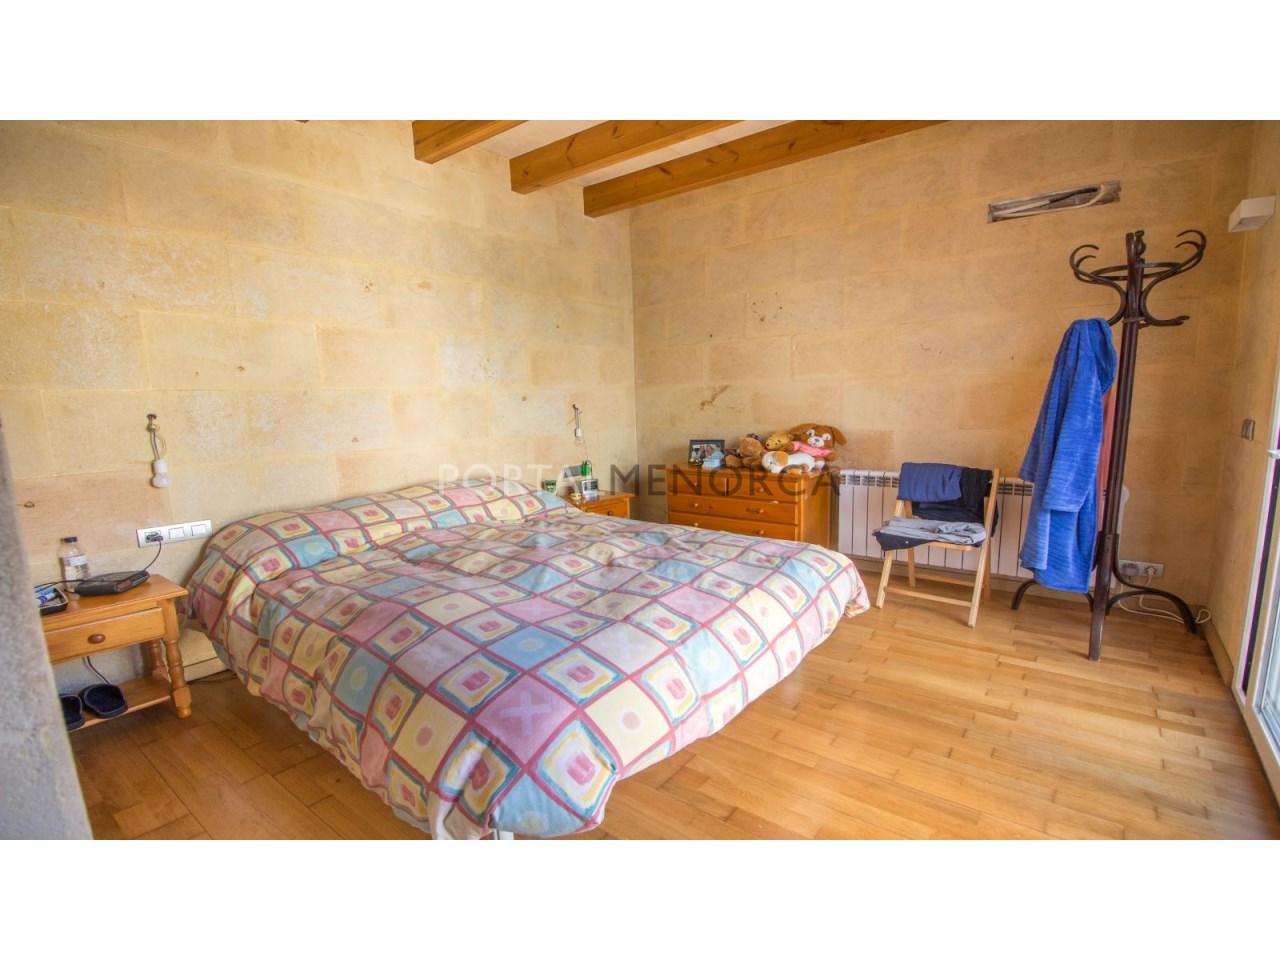 12 Dormitorio - Chalet en venta en Addaia (1)